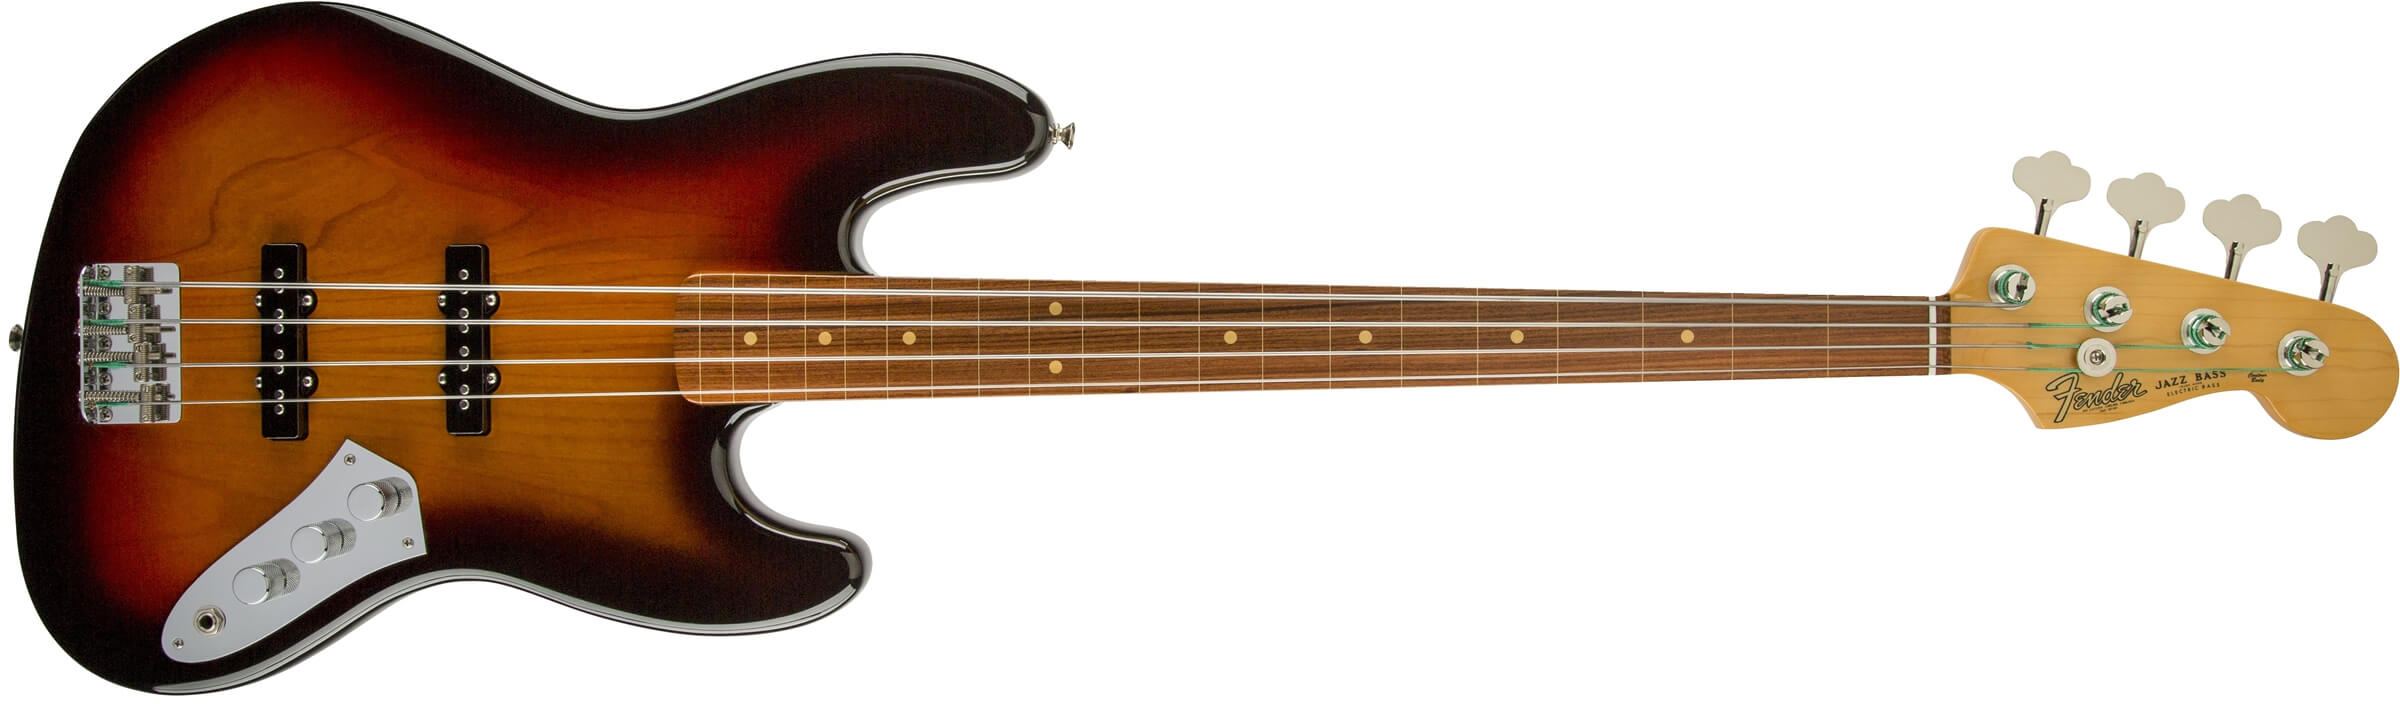 Jaco Pastorius Jazz Bass